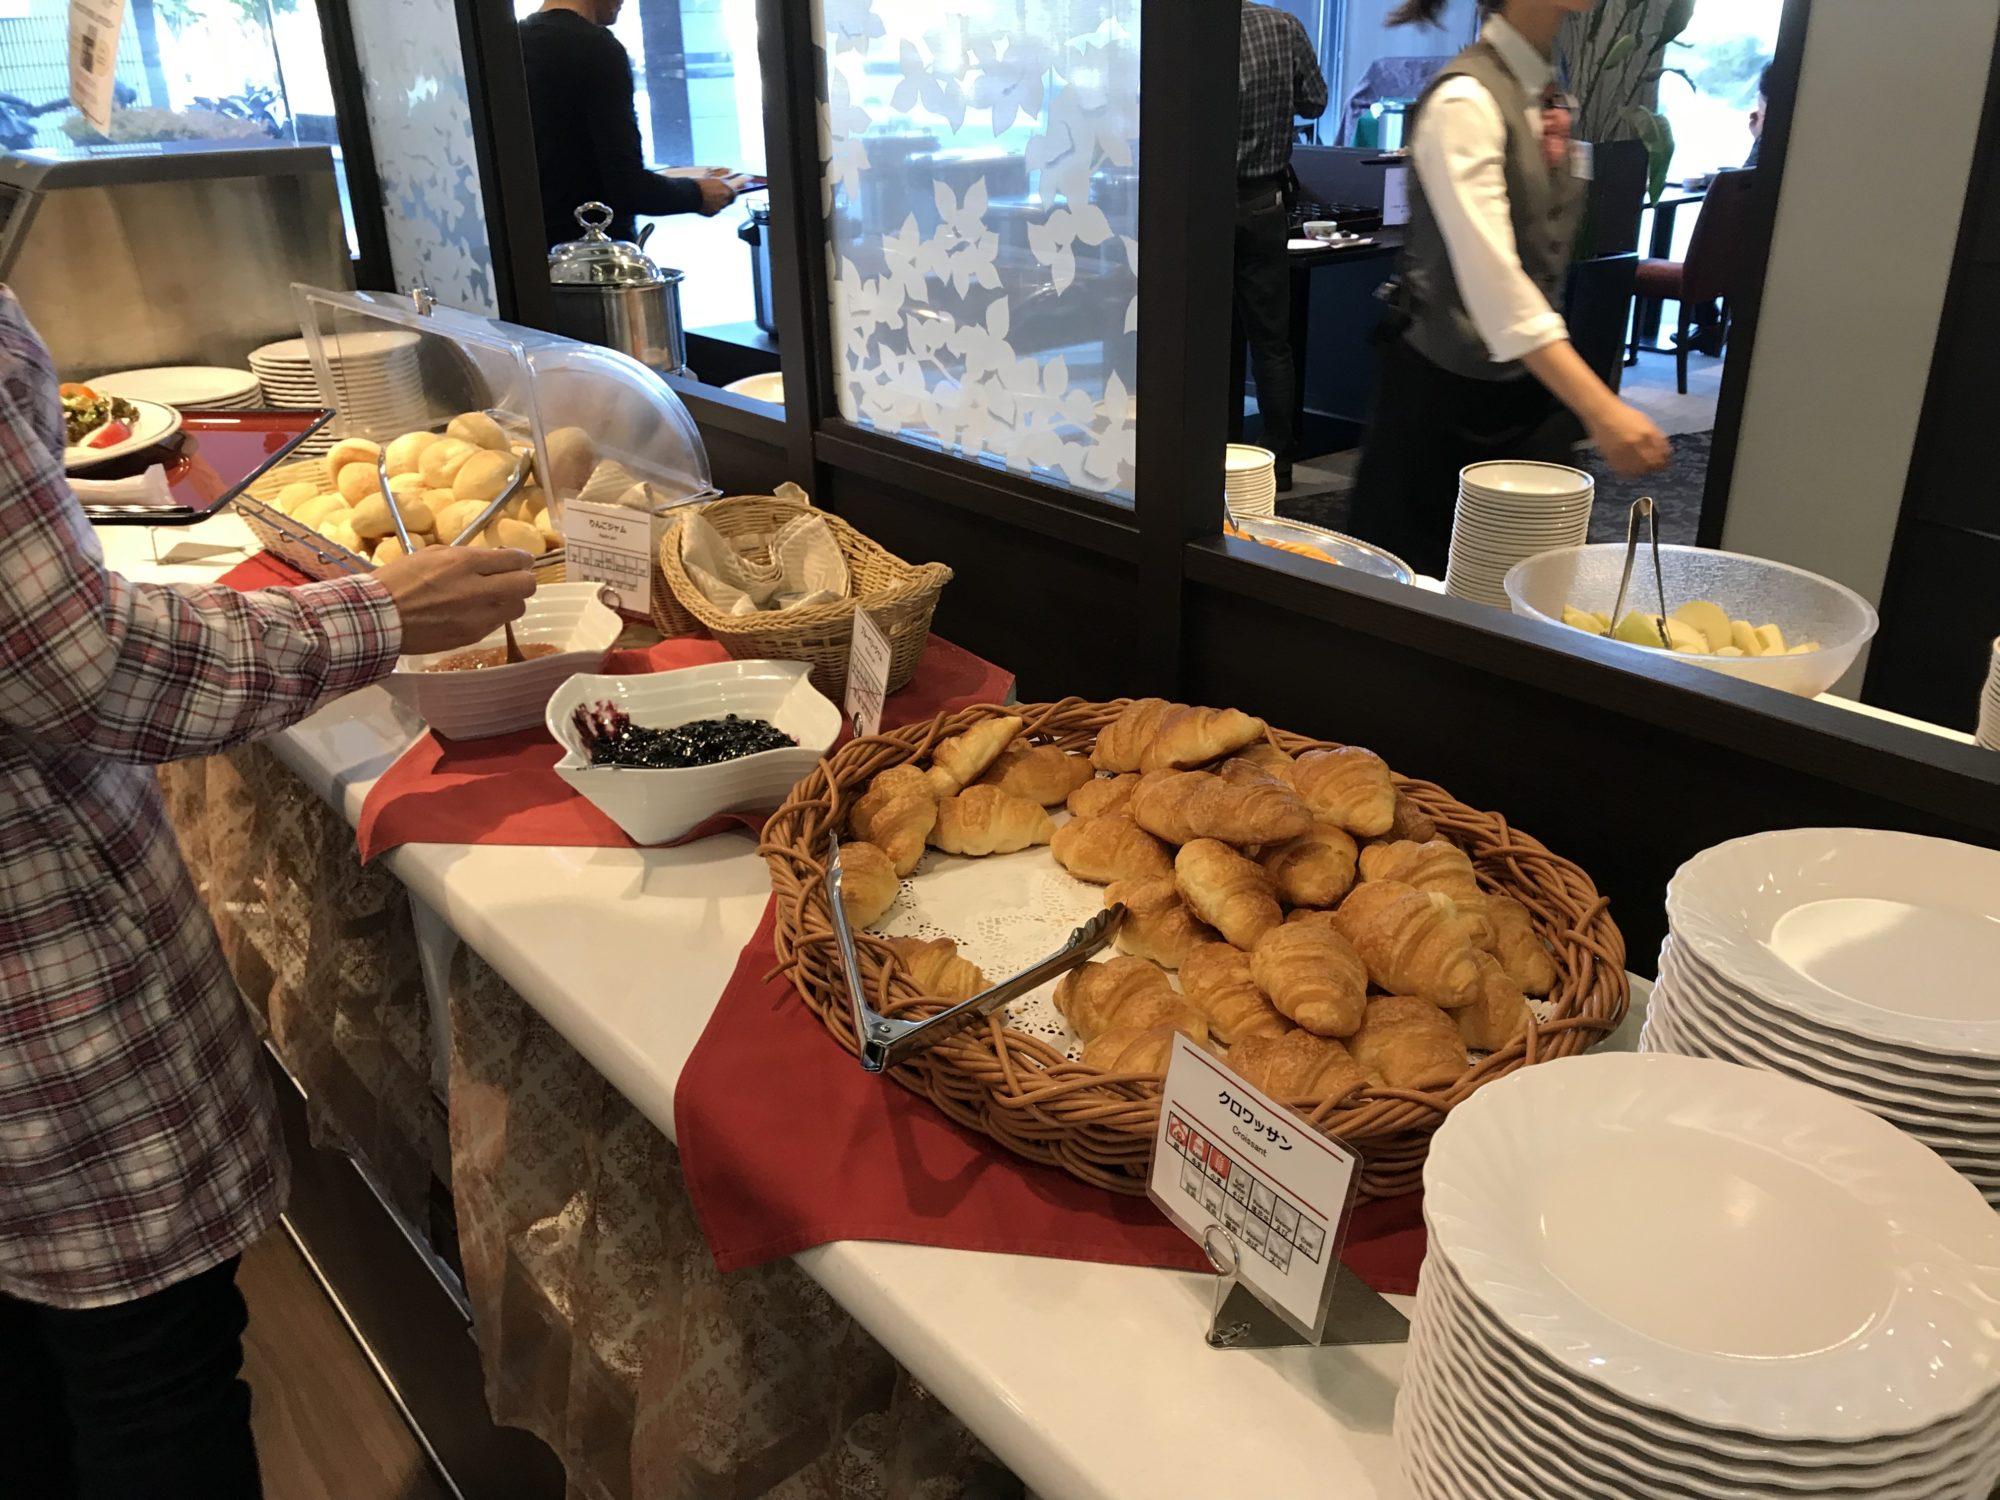 紅やホテル朝食バイキングのパン